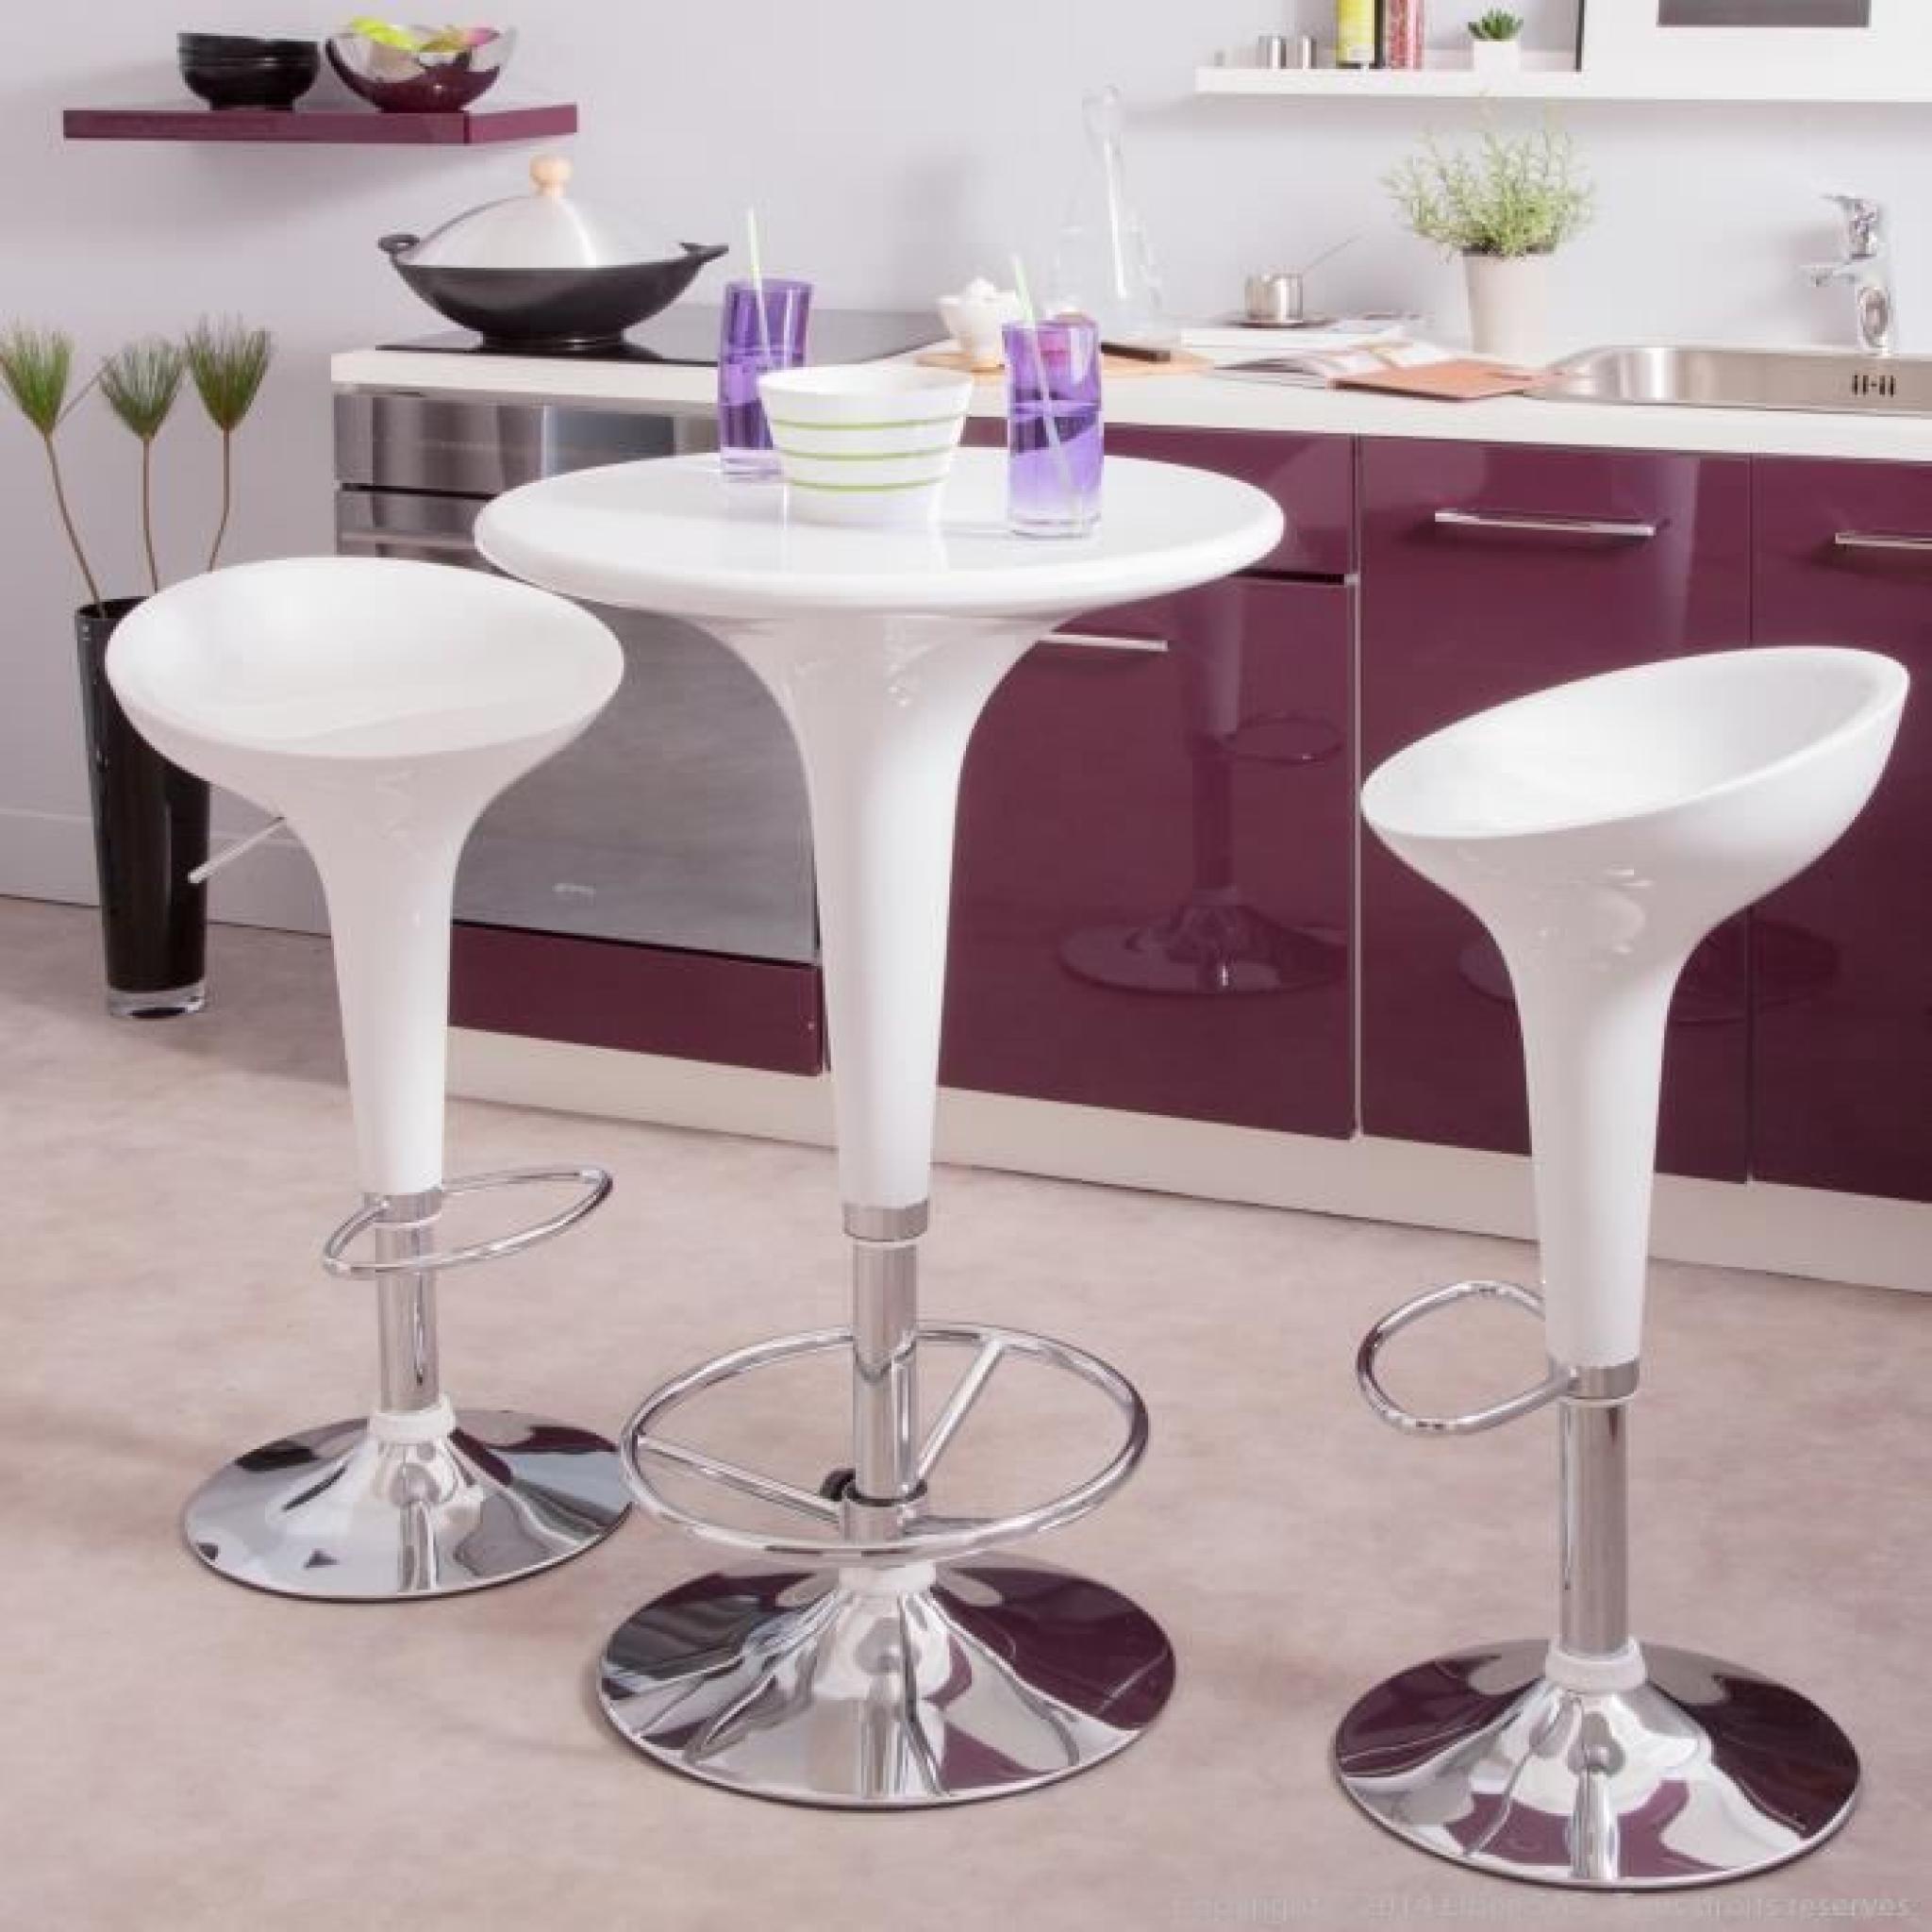 tabouret de bar hauteur r glable coque abs base chrom e lot de 2 lollipop achat vente tabouret. Black Bedroom Furniture Sets. Home Design Ideas